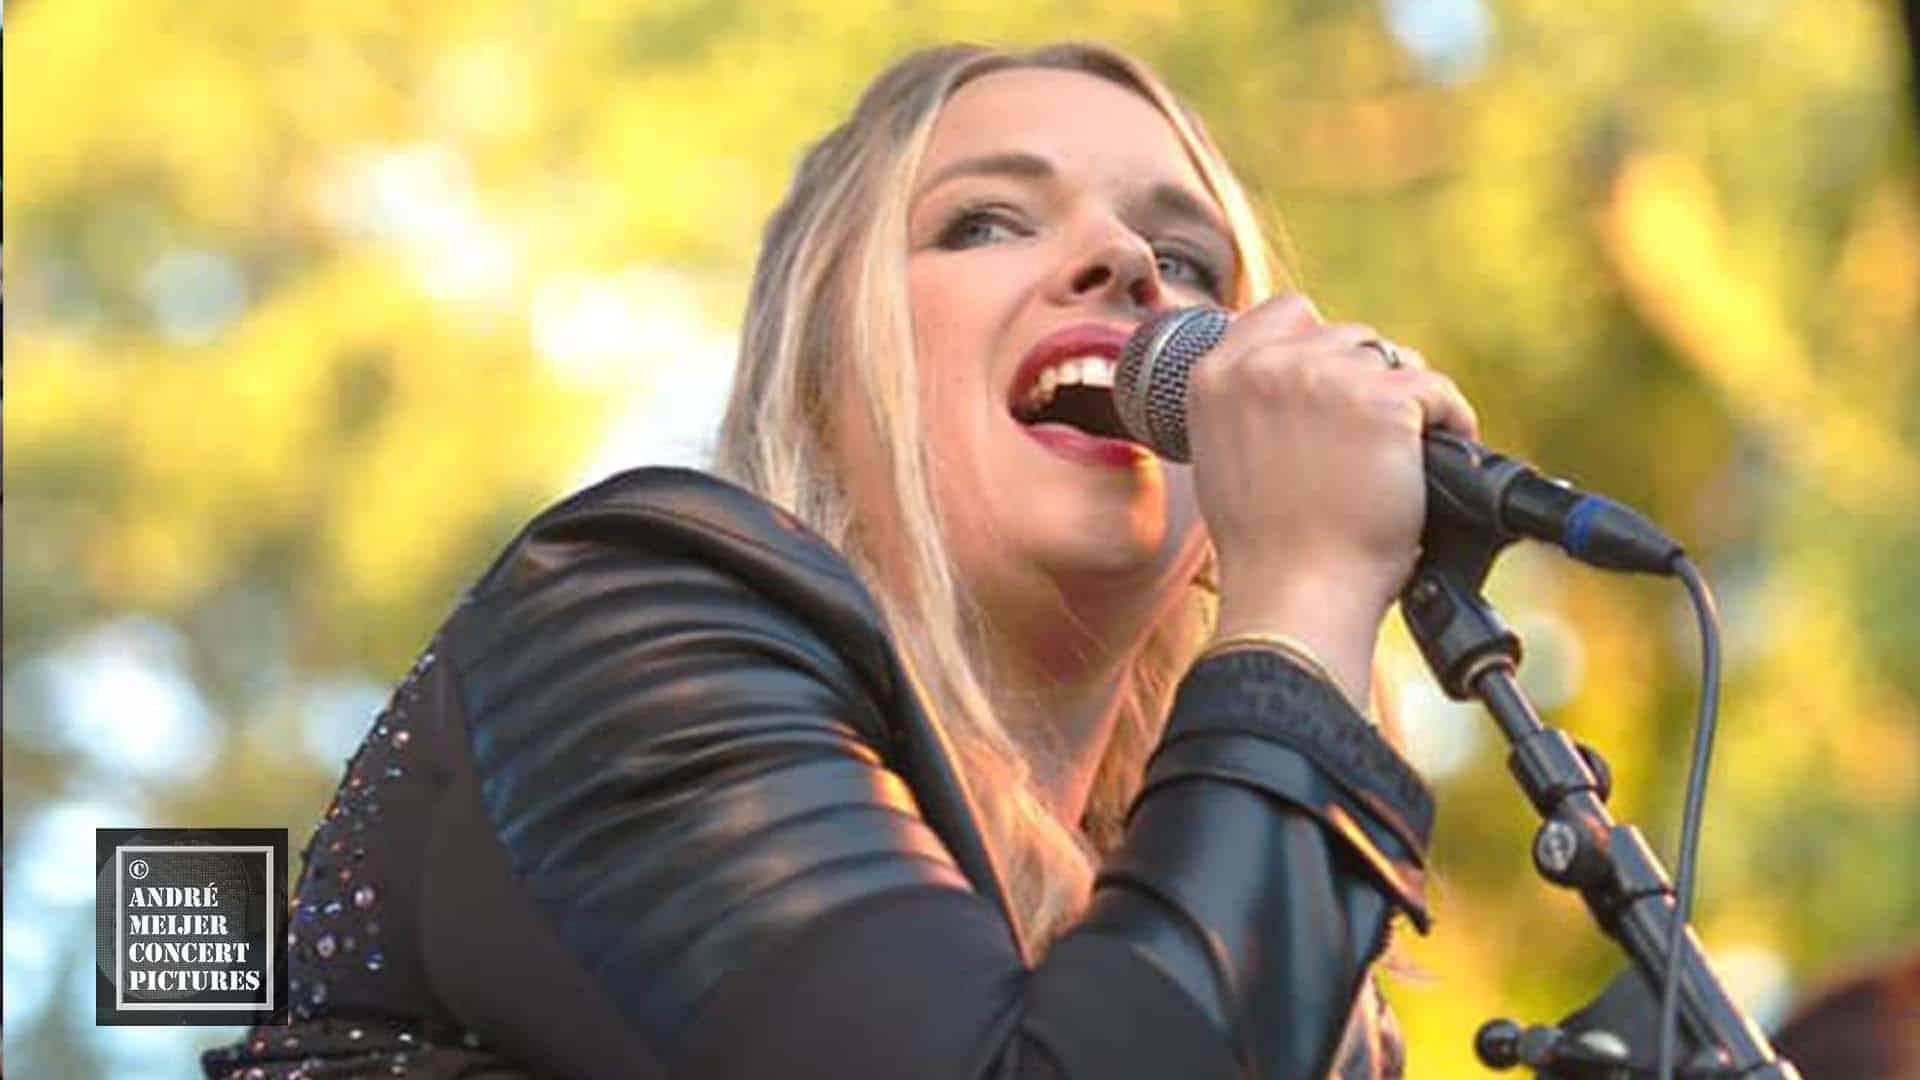 Lemonade (c) Andre Meijer Concert Pictures